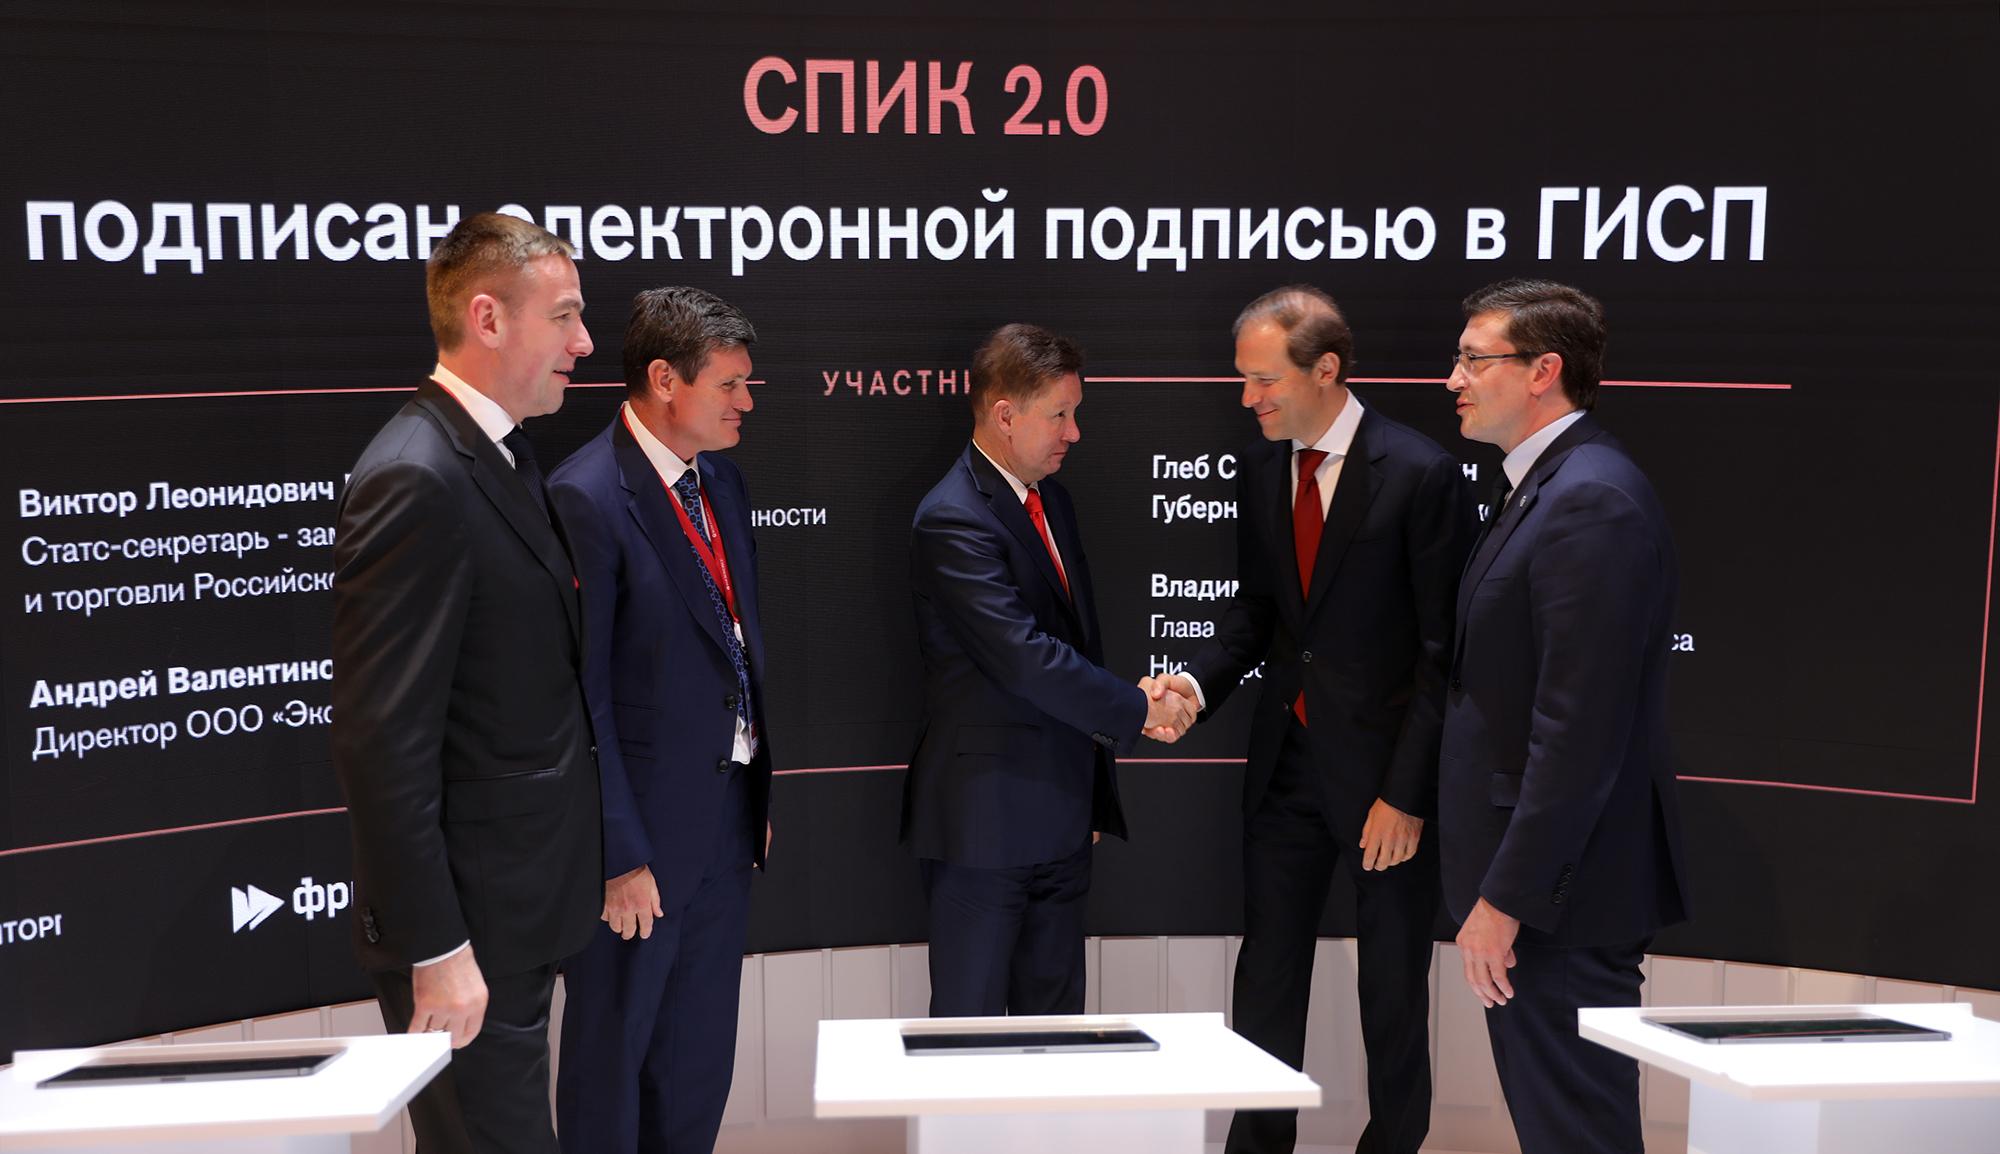 Эколант подписал СПИК 2.0 на строительство завода зеленой металлургии